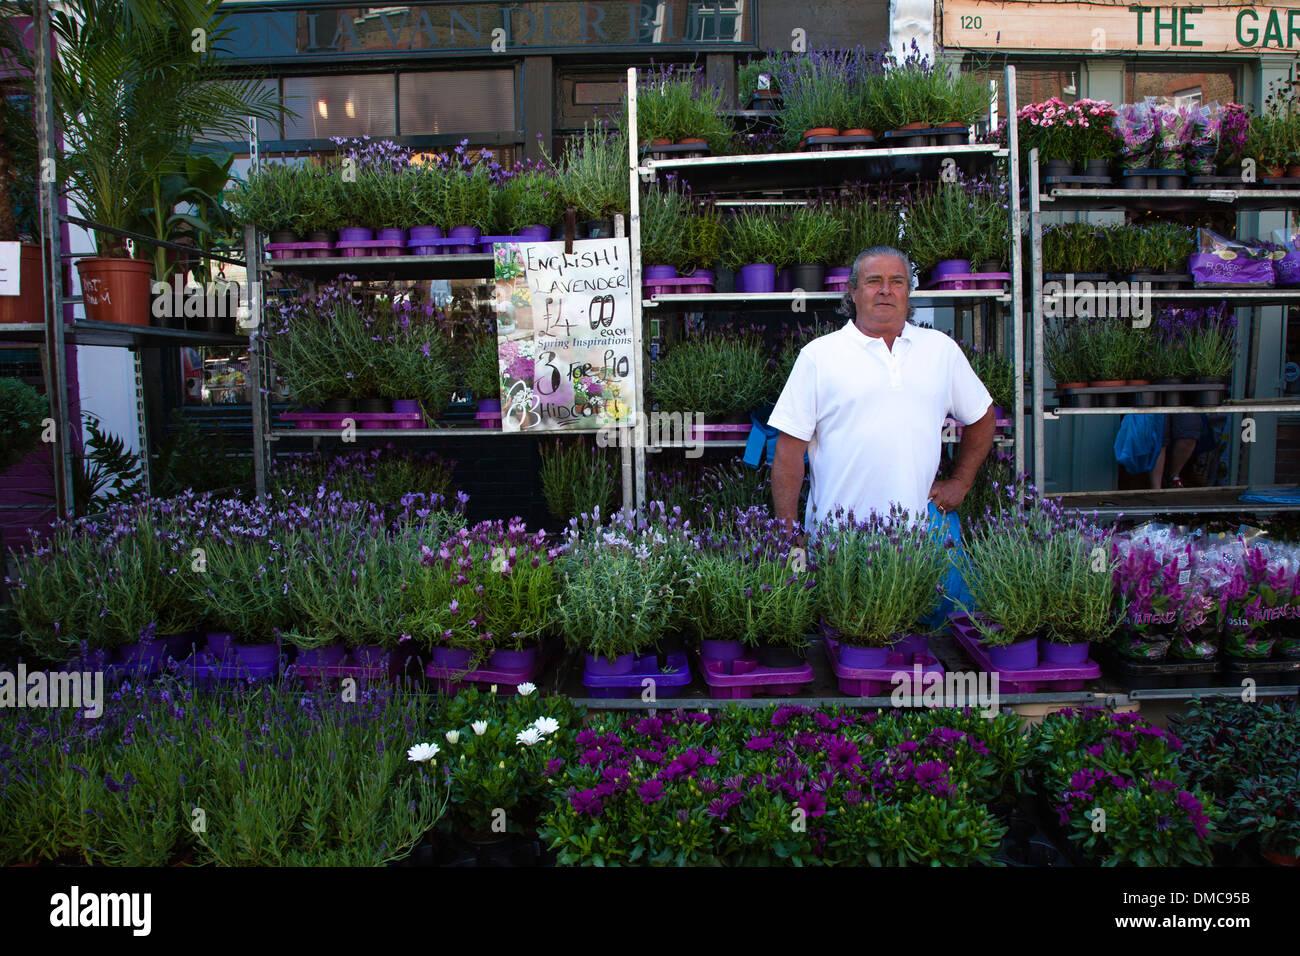 Blocage de lavande, Columbia Road Flower Market, Londres Photo Stock